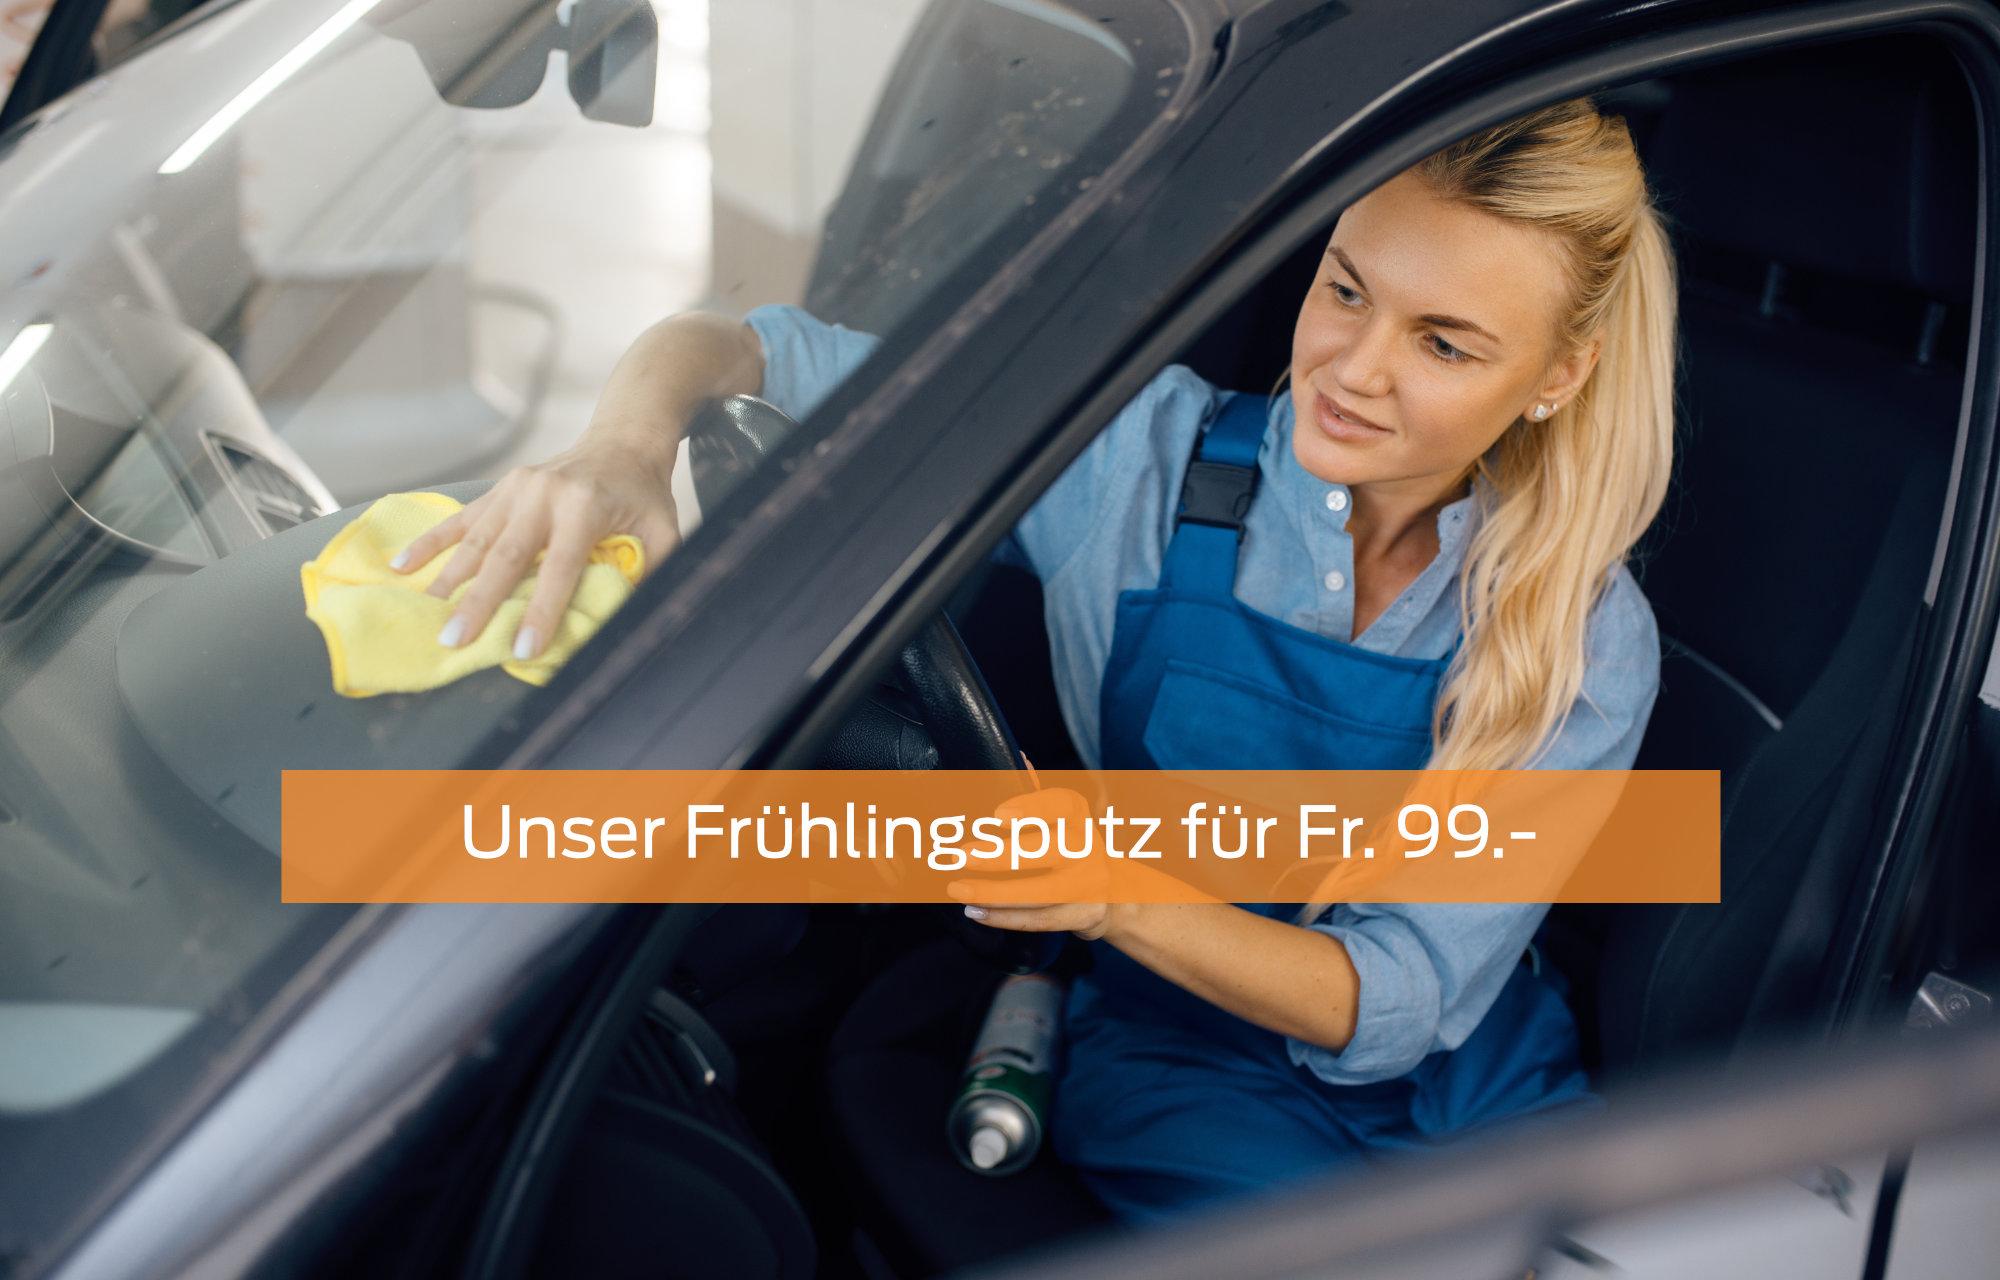 Frühlingsputz-Angebot für Fr. 99.-